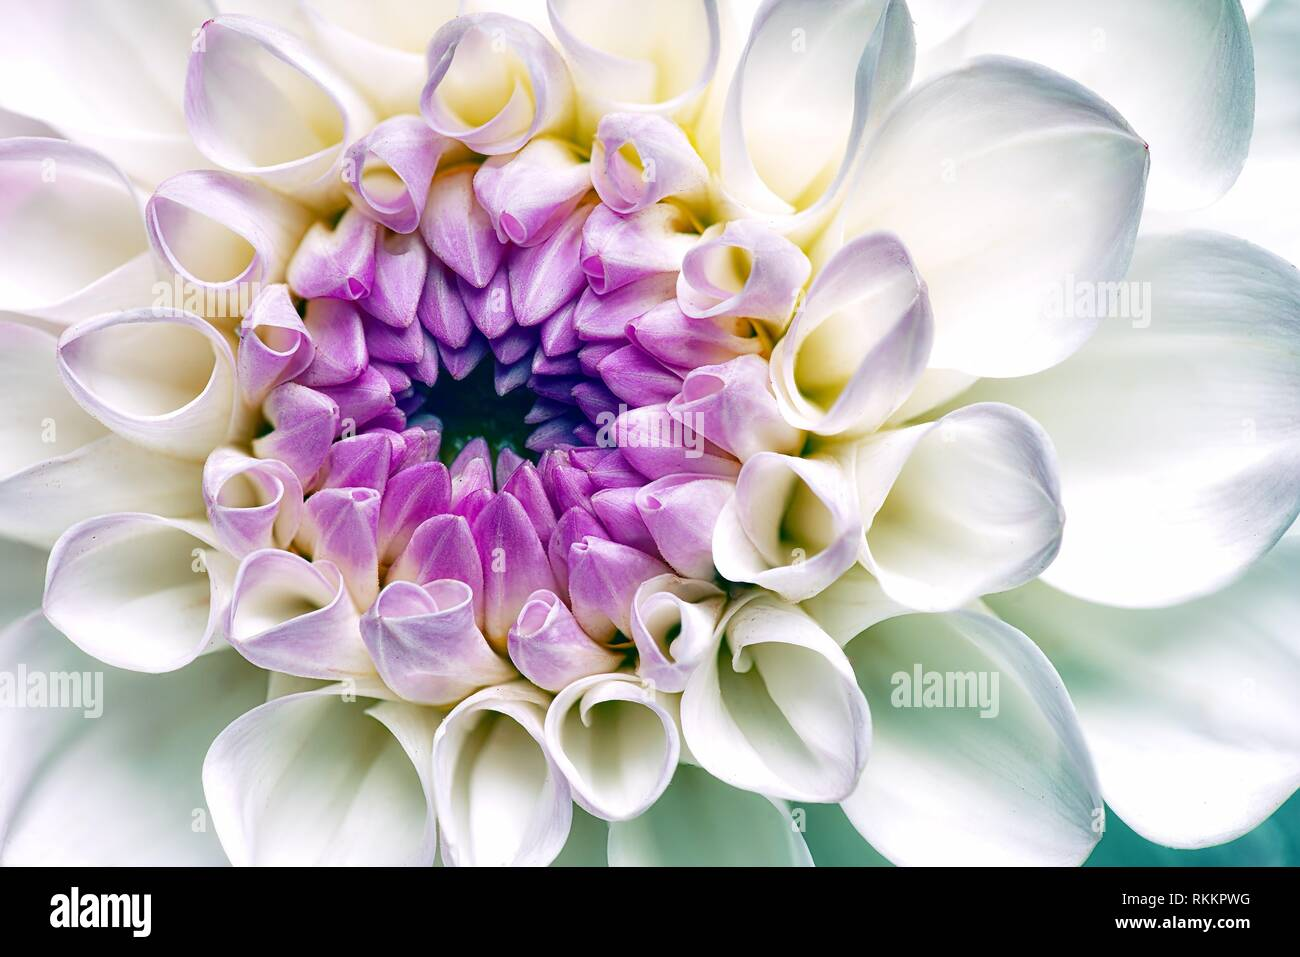 Weiße Dahlie Blume. Abstrakt floral Hintergründe. Stockbild